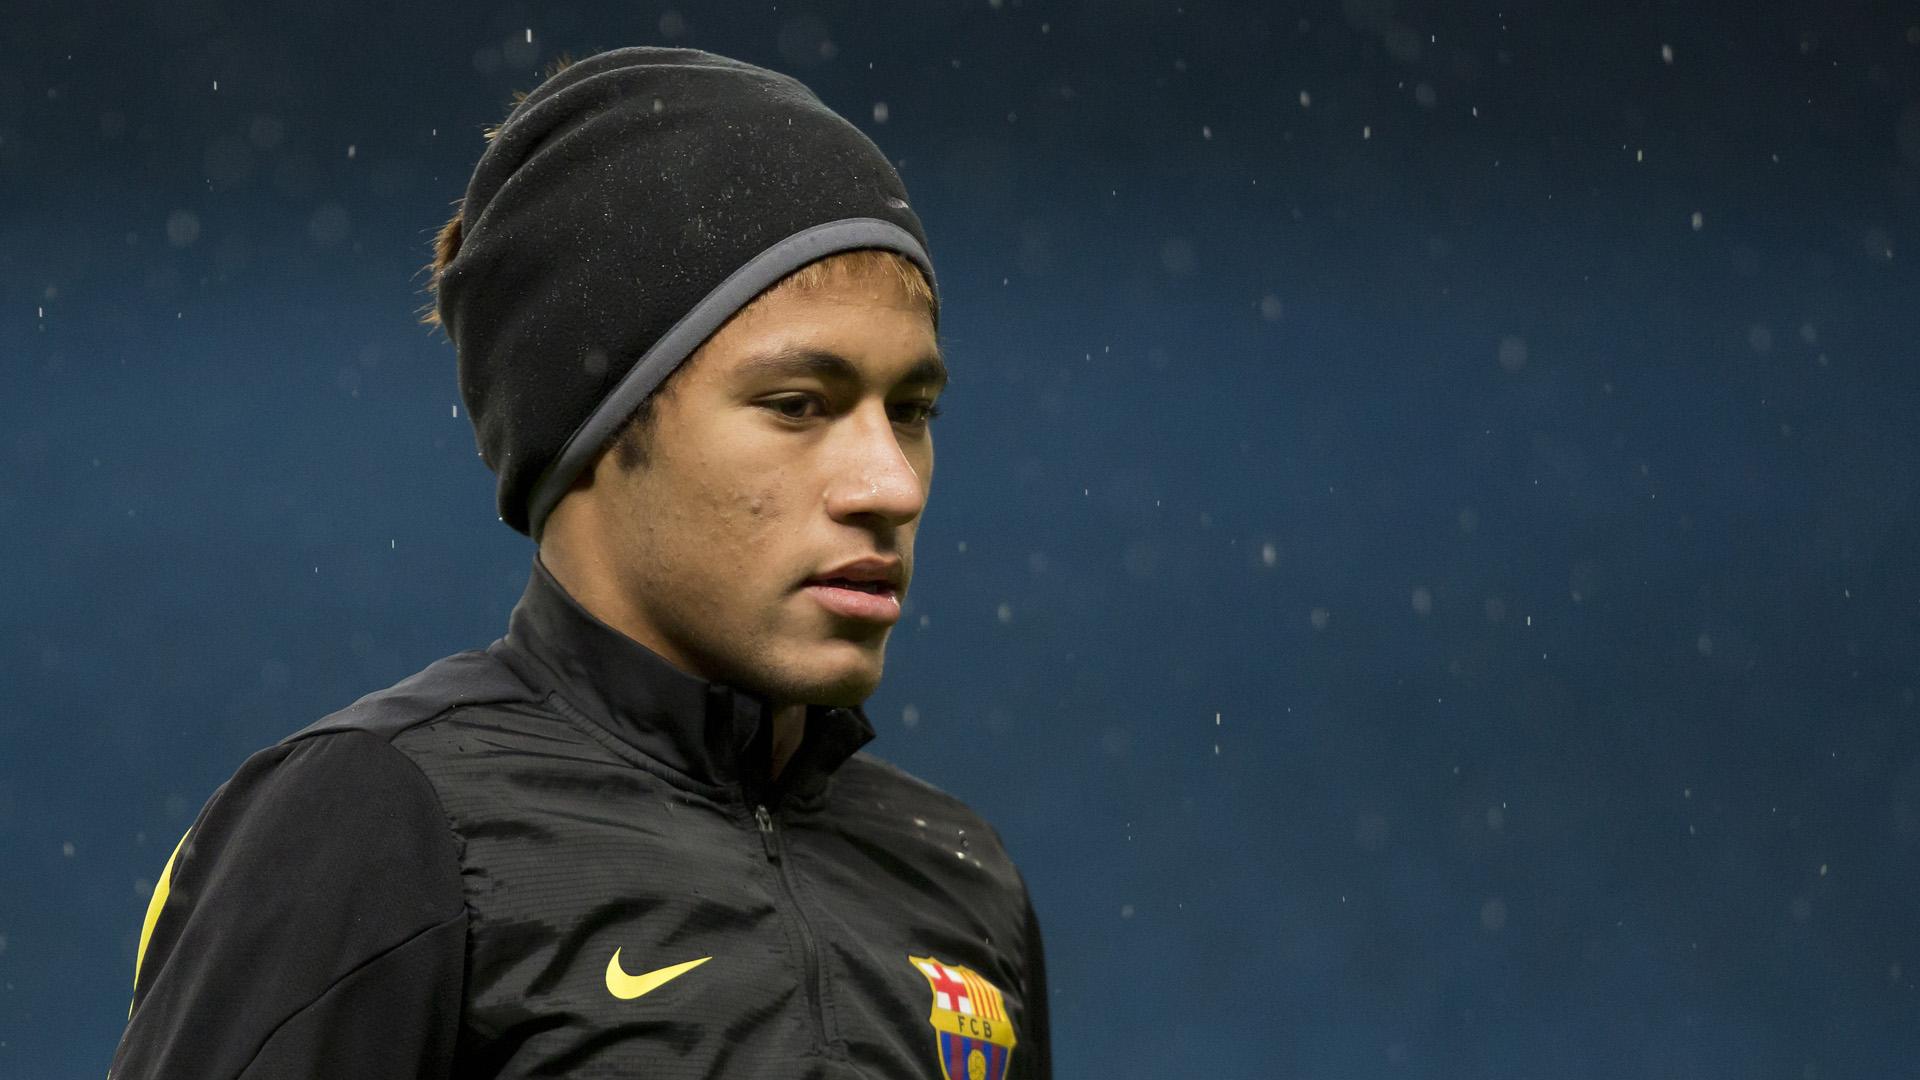 neymar-FTR-022114.jpg